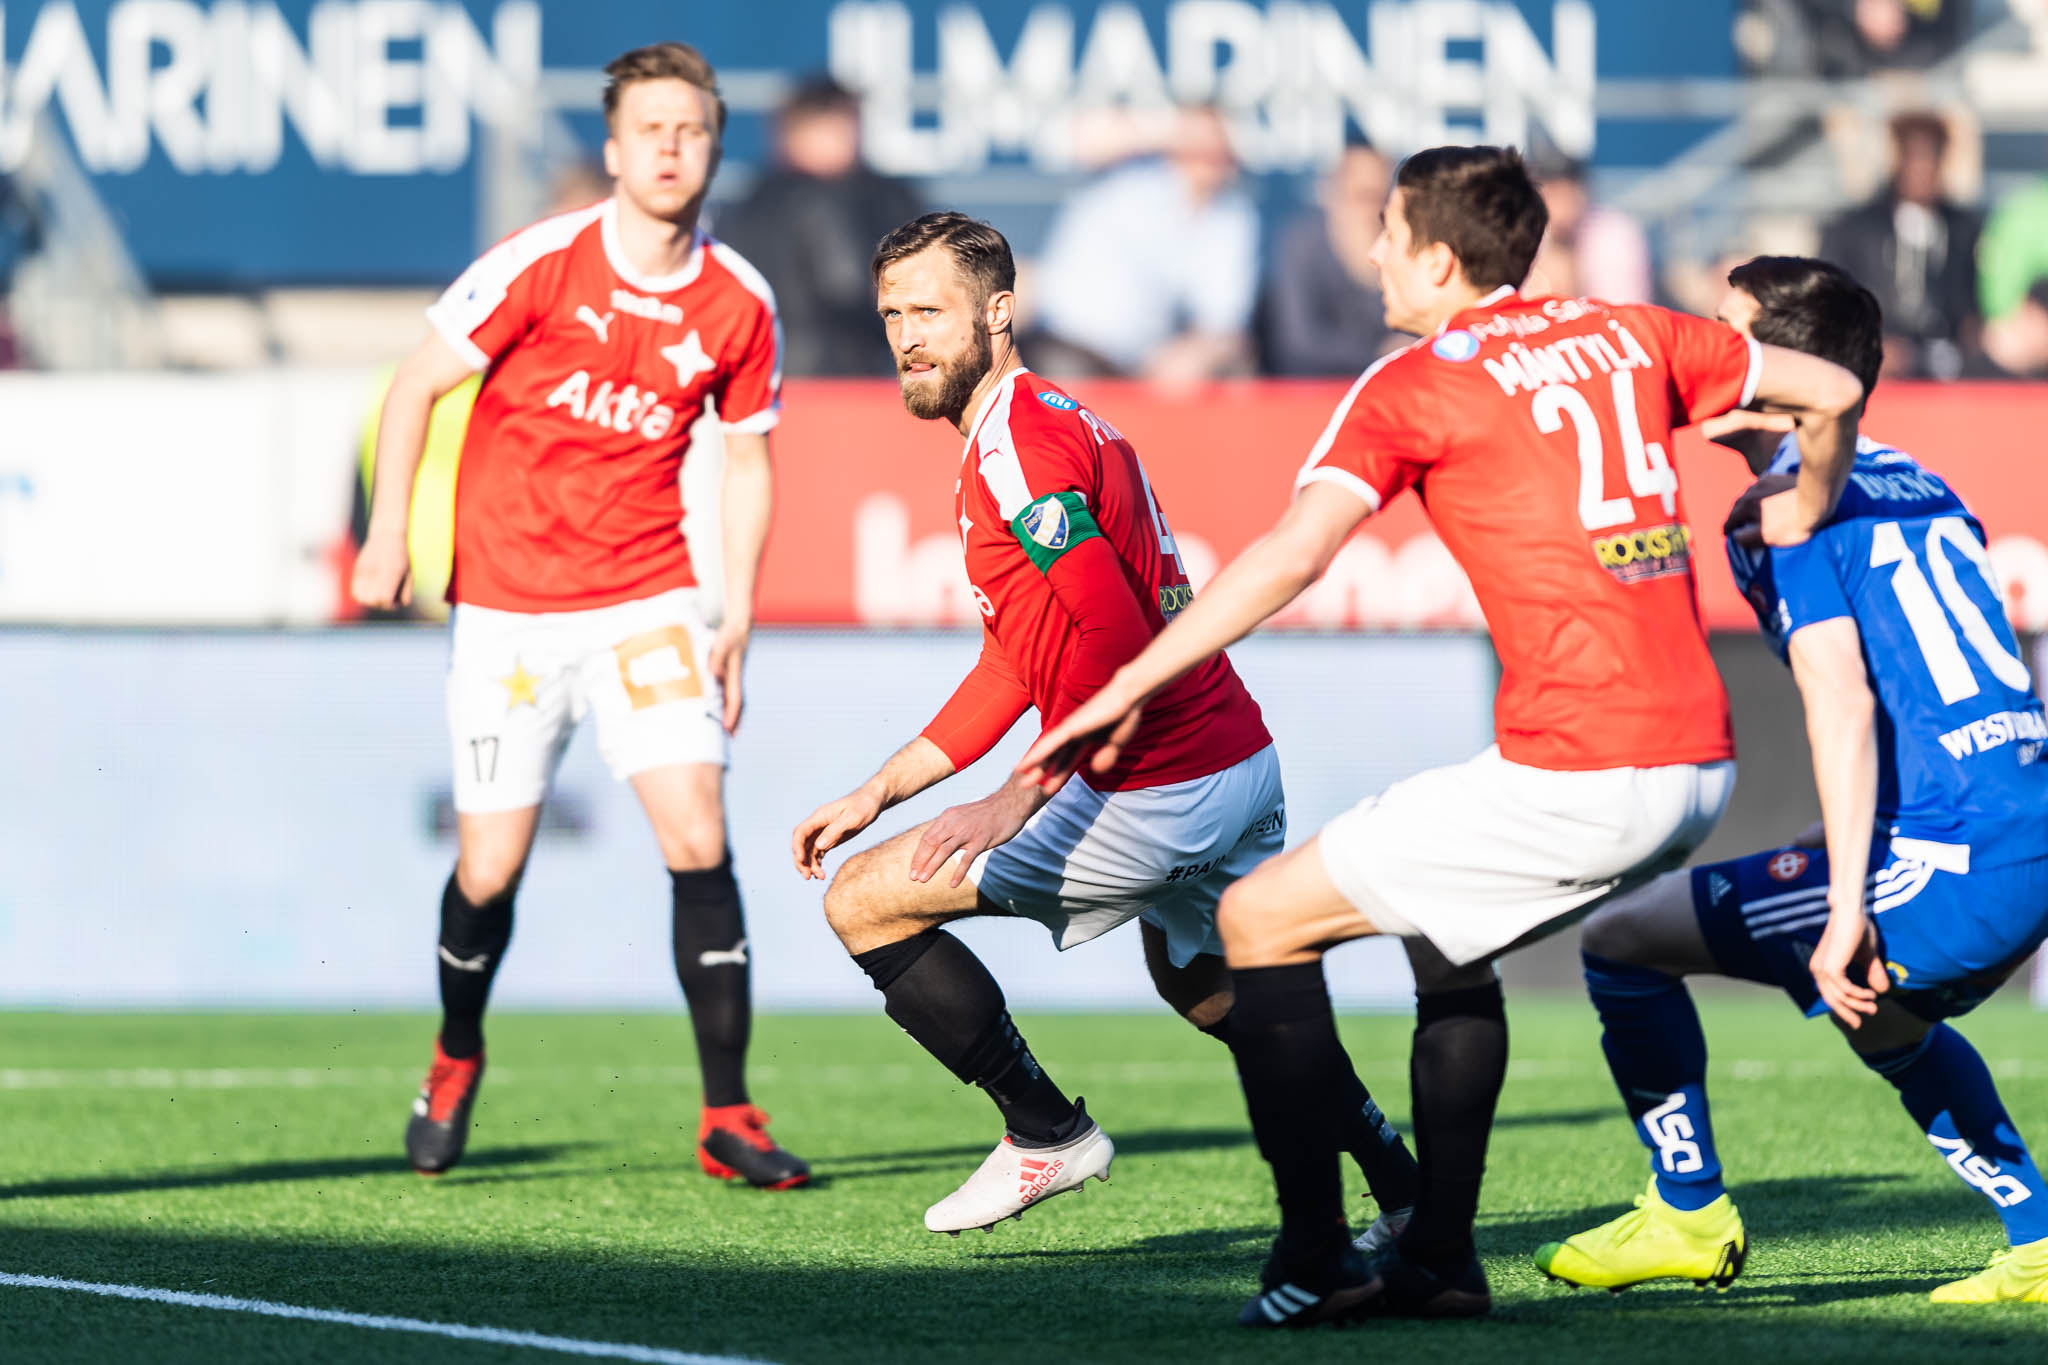 PRESSMEDDELANDE: Stadin Derby hämtar igen fotbollsglädje till Helsingfors – och påverkar trafiken